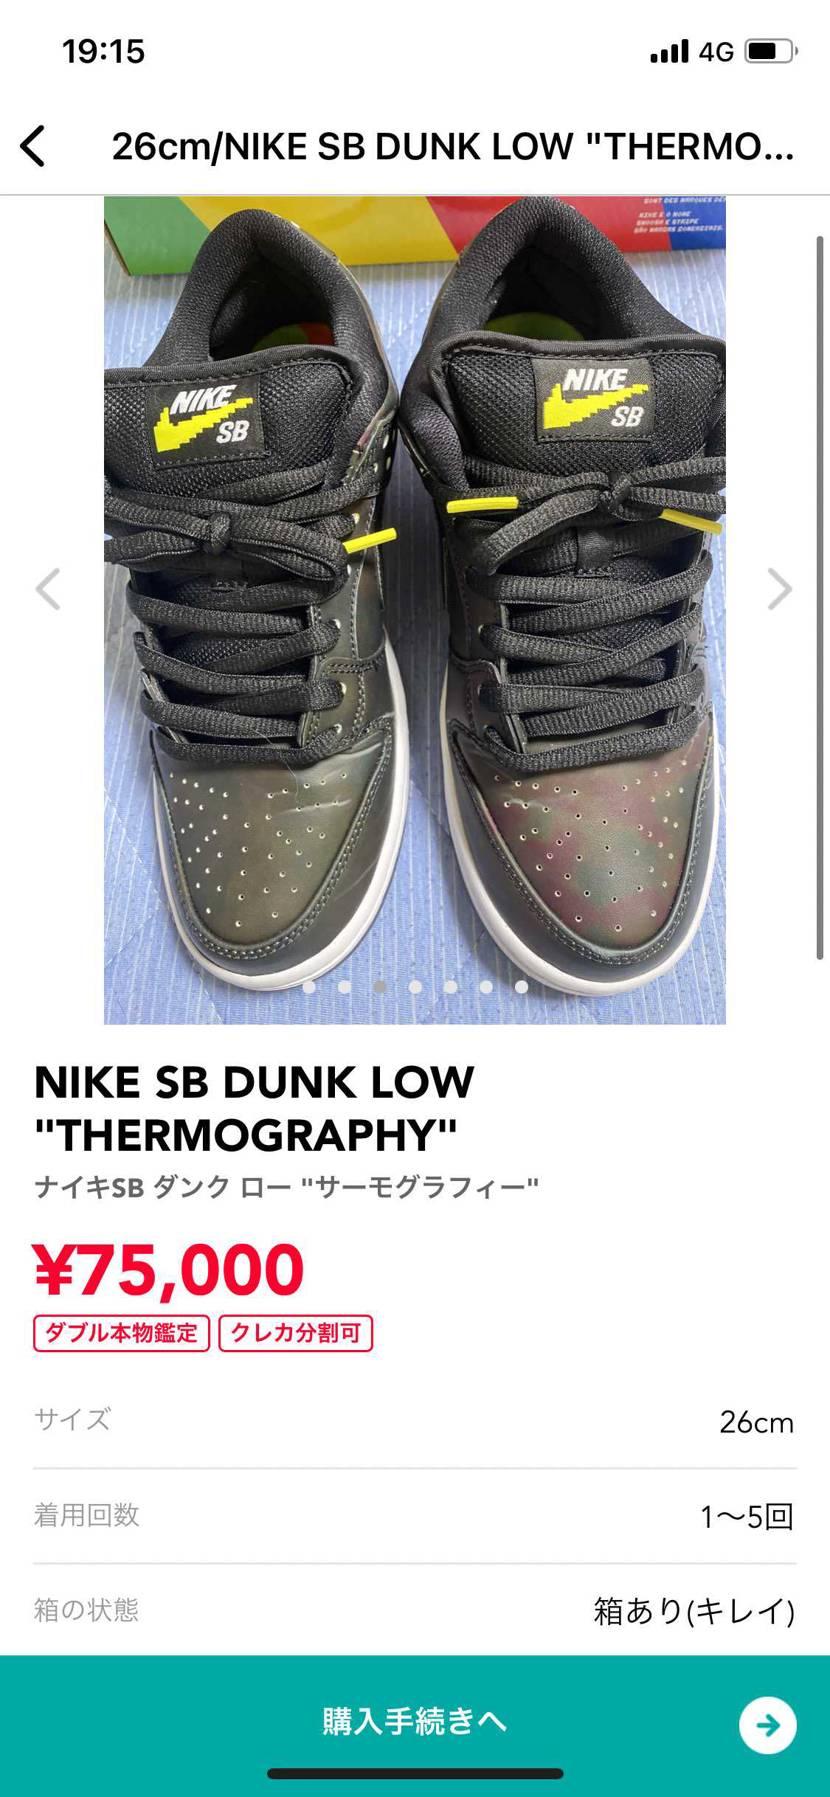 こちらの出品者様の方購入検討してます。お安くなりませんか??